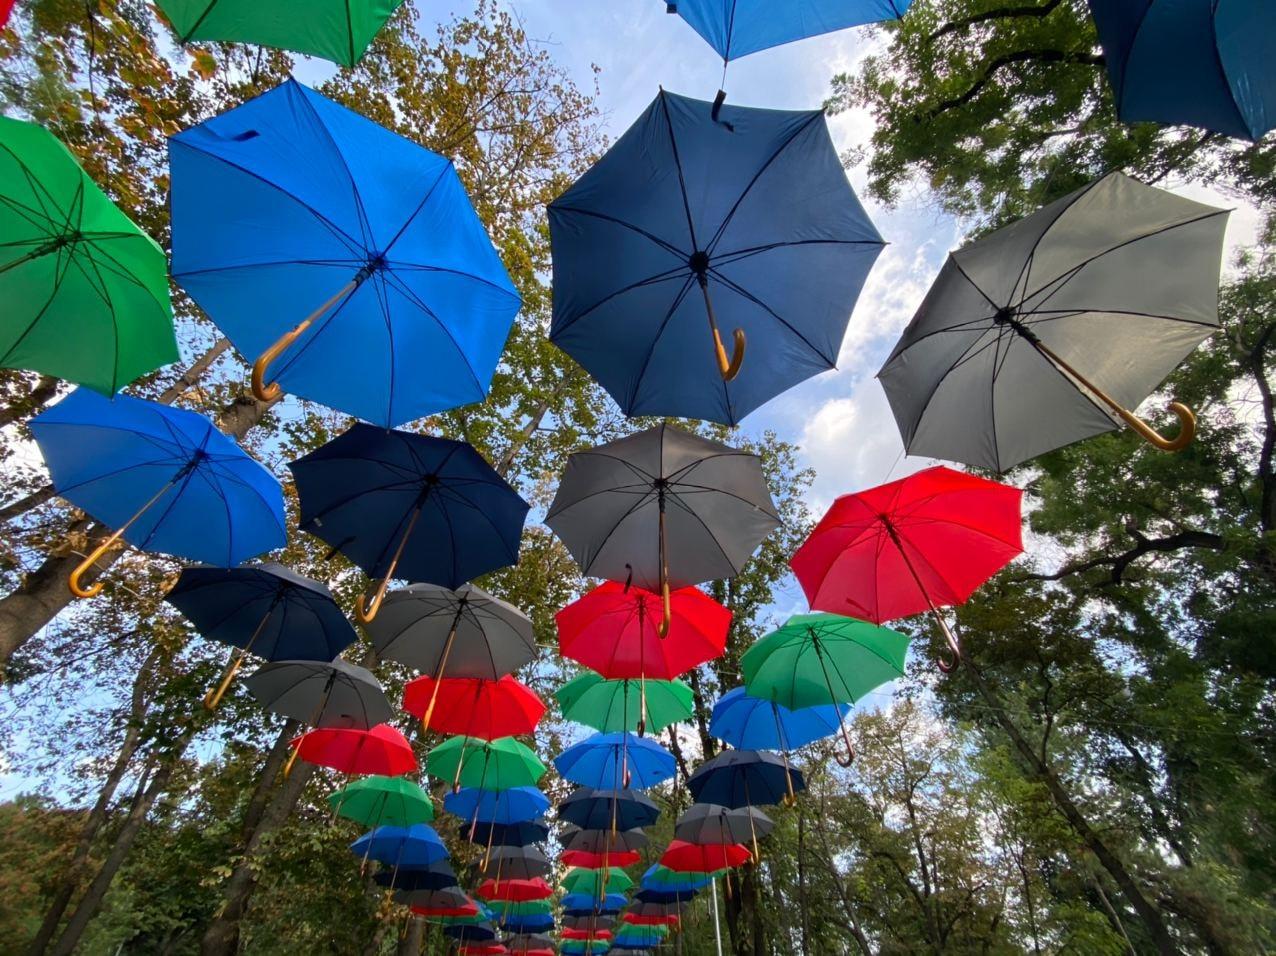 В Кишинёве впервые проходит Фестиваль зонтиков